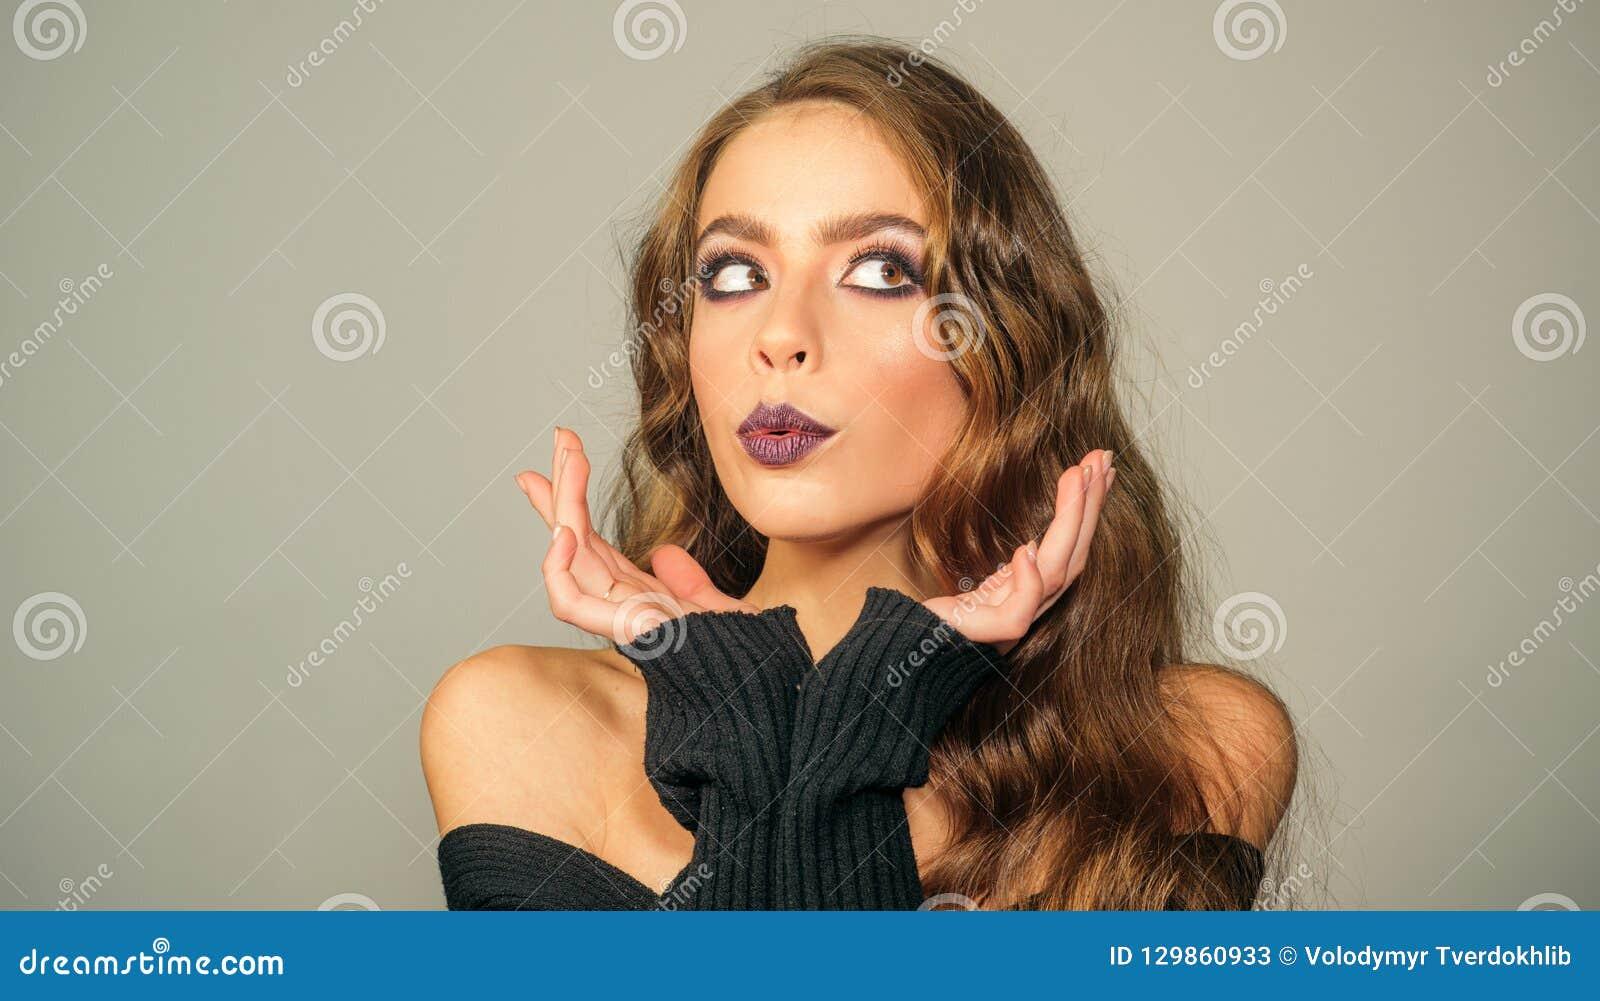 Καλλυντικά Makeup και skincare κορίτσι μόδας με τη γοητεία makeup γυναίκα πορτρέτου μόδας Σαλόνι και κομμωτής ομορφιάς